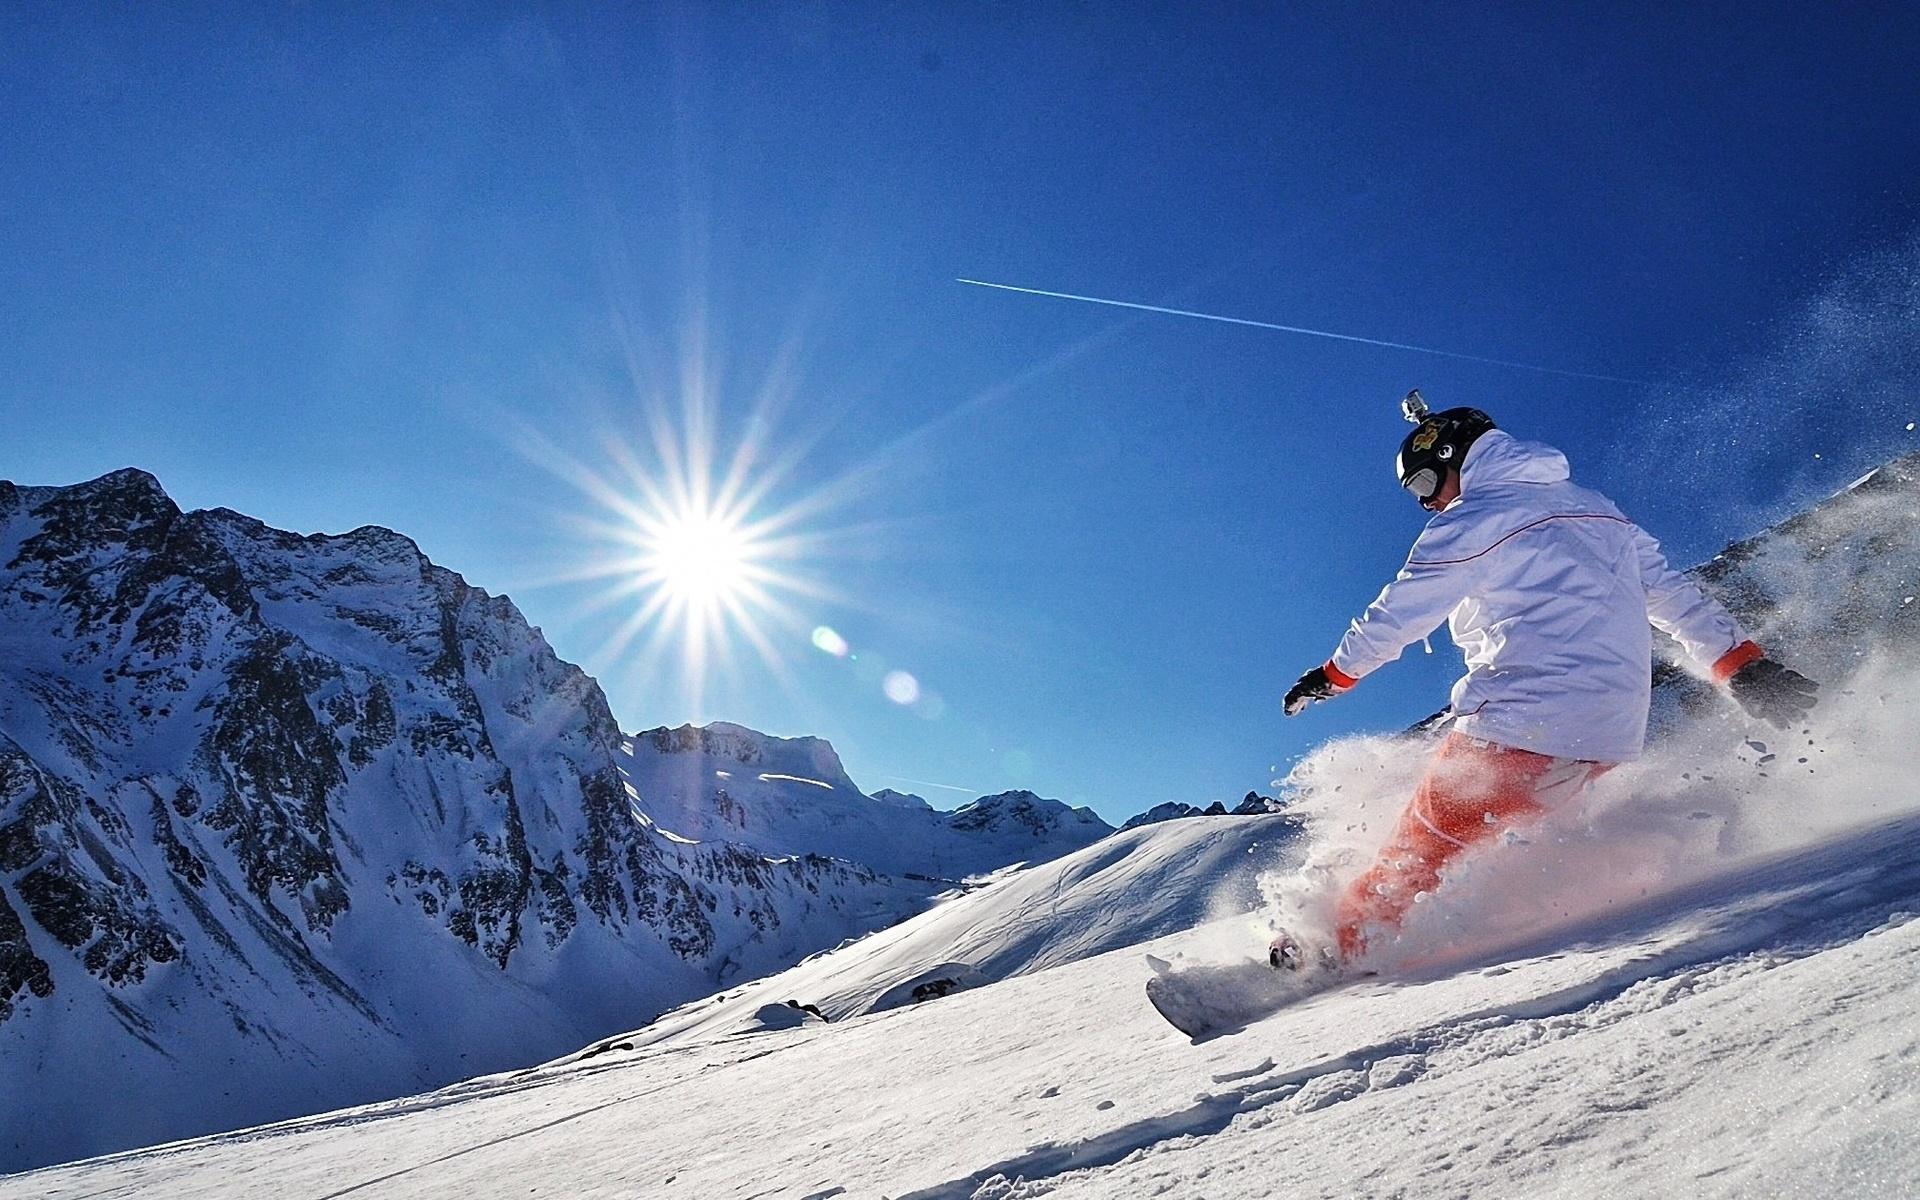 картинки про сноубордистов может оказаться столь